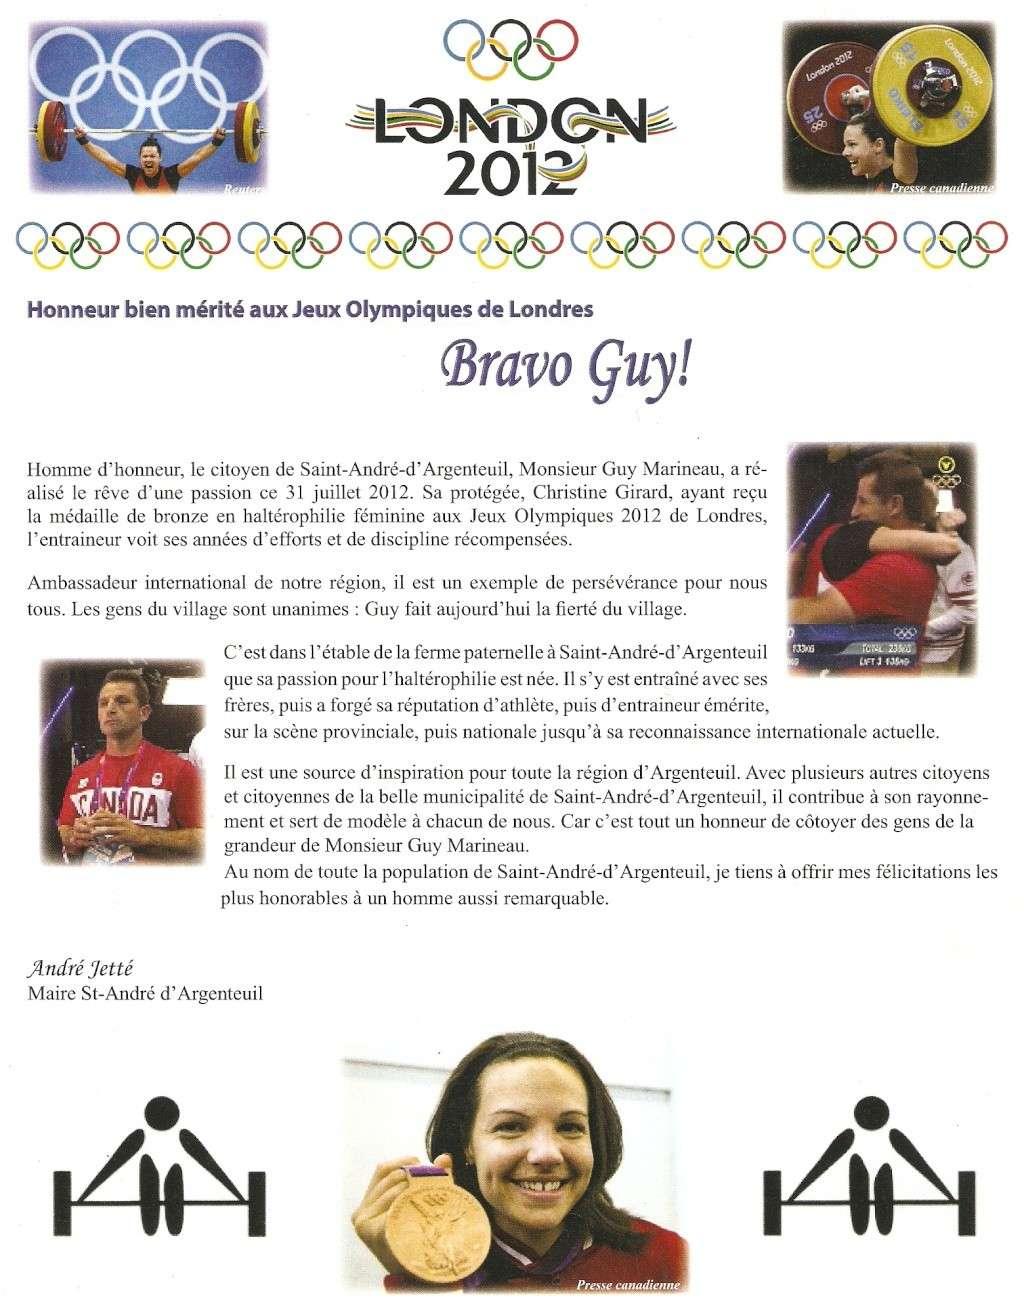 Nous sommes fiers de Guy Marineau (JO 2012) Numari22